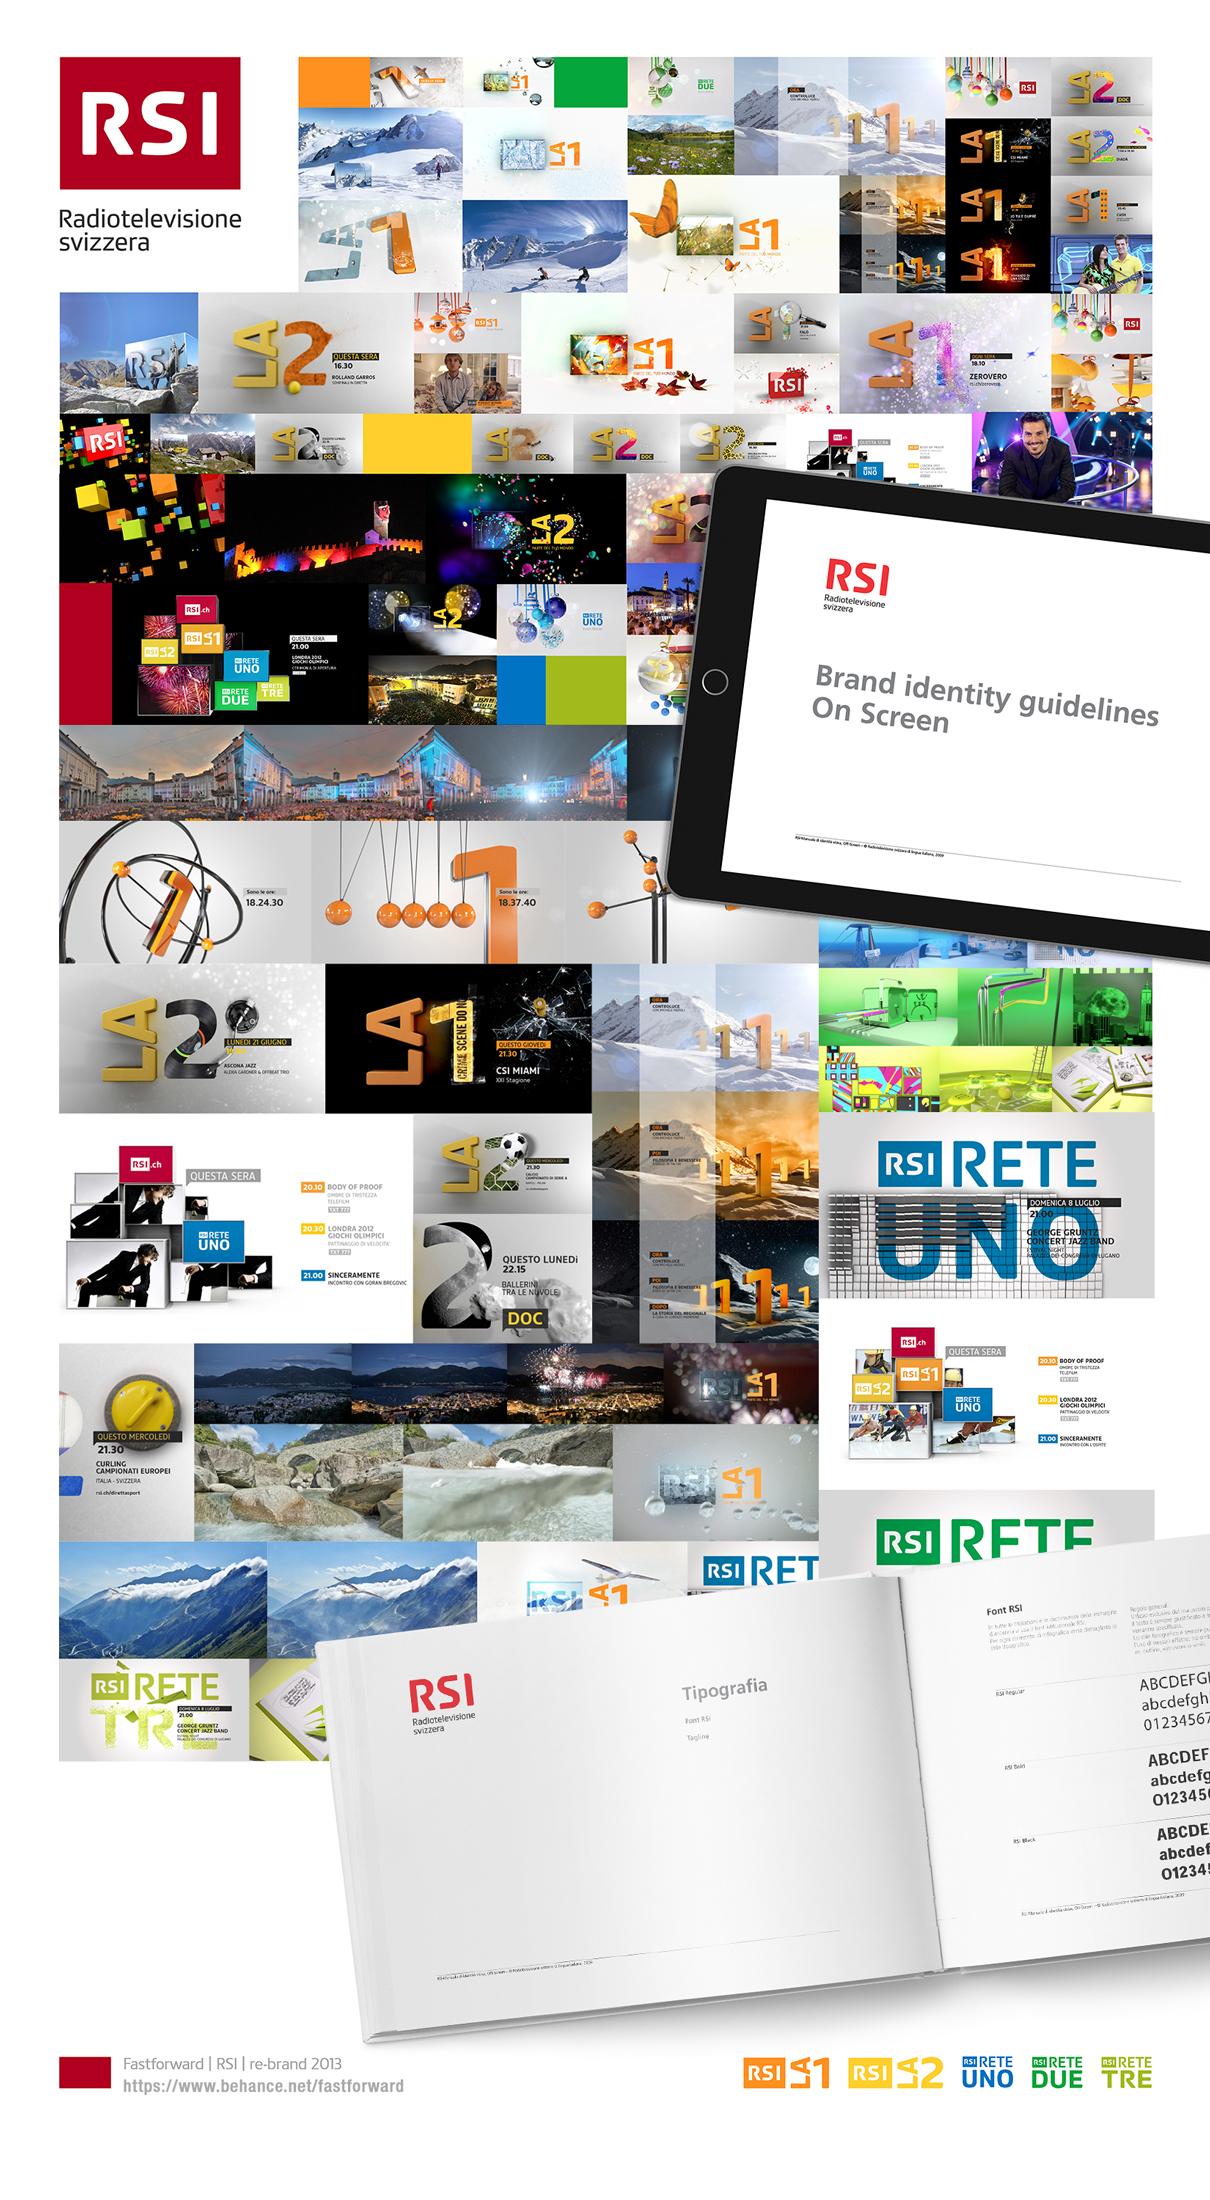 RSI_2012.jpg